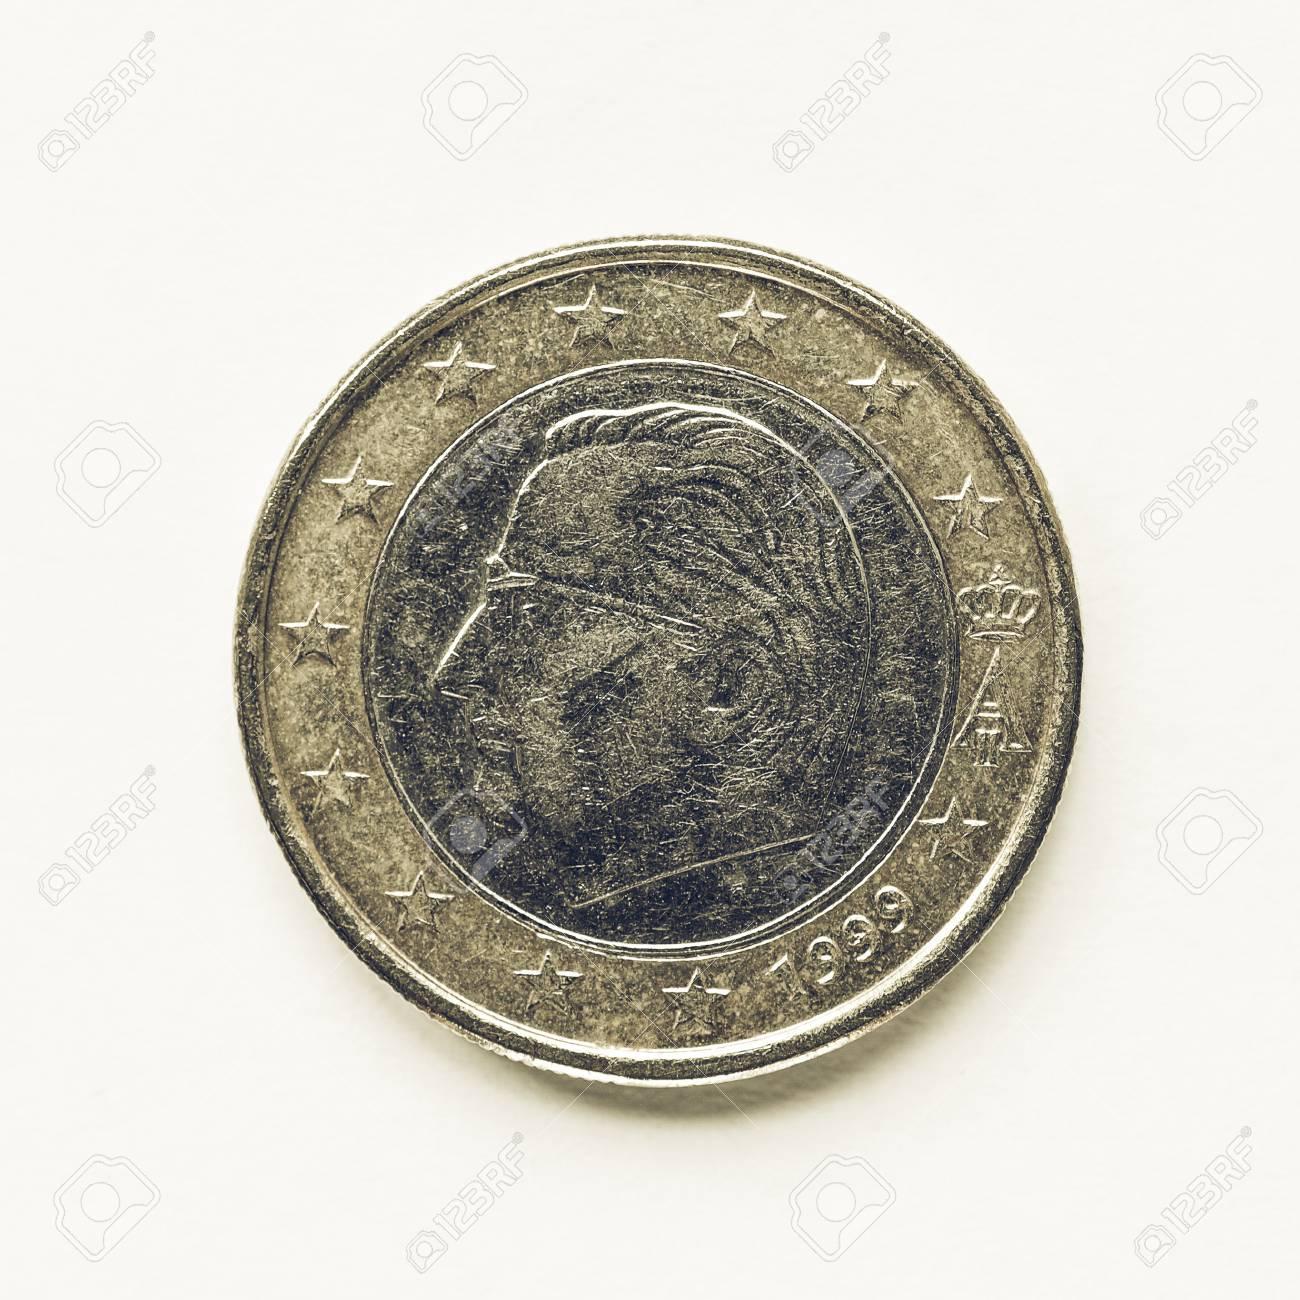 Vintage Look Währung Europas 1 Euro Münze Aus Belgien Lizenzfreie